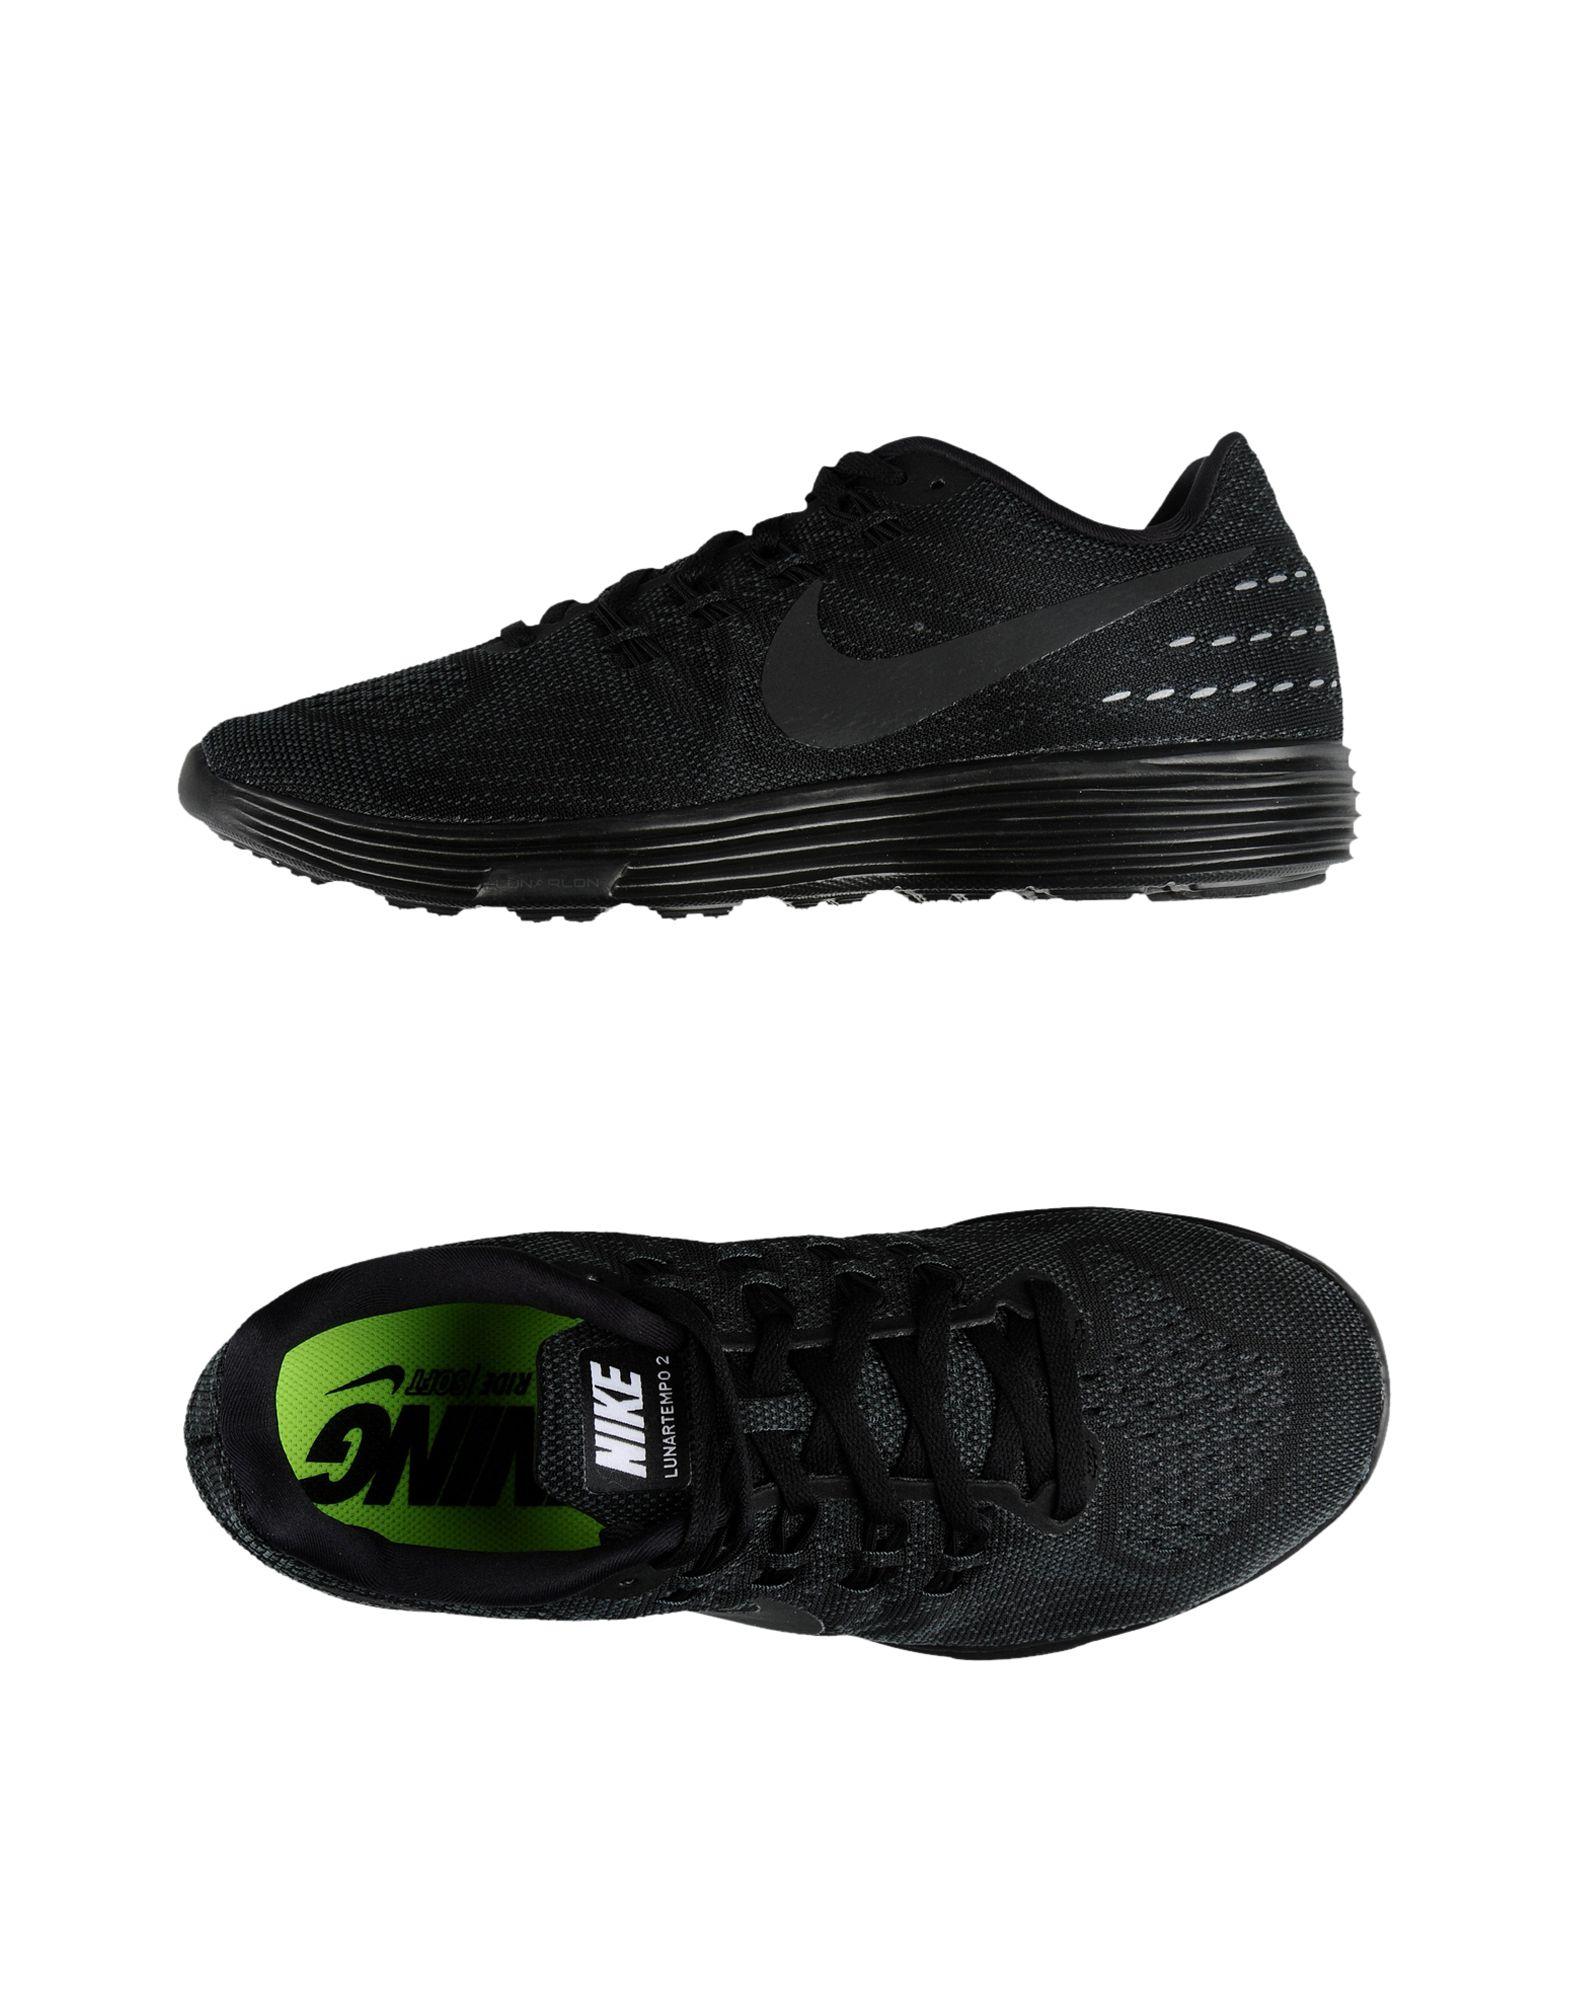 brand new 7a228 347f4 Prix de gros basket nike discount France vente en ligne, toutes les gammes  de chaussures Nike pour hommes et femmes outlet pas cher.